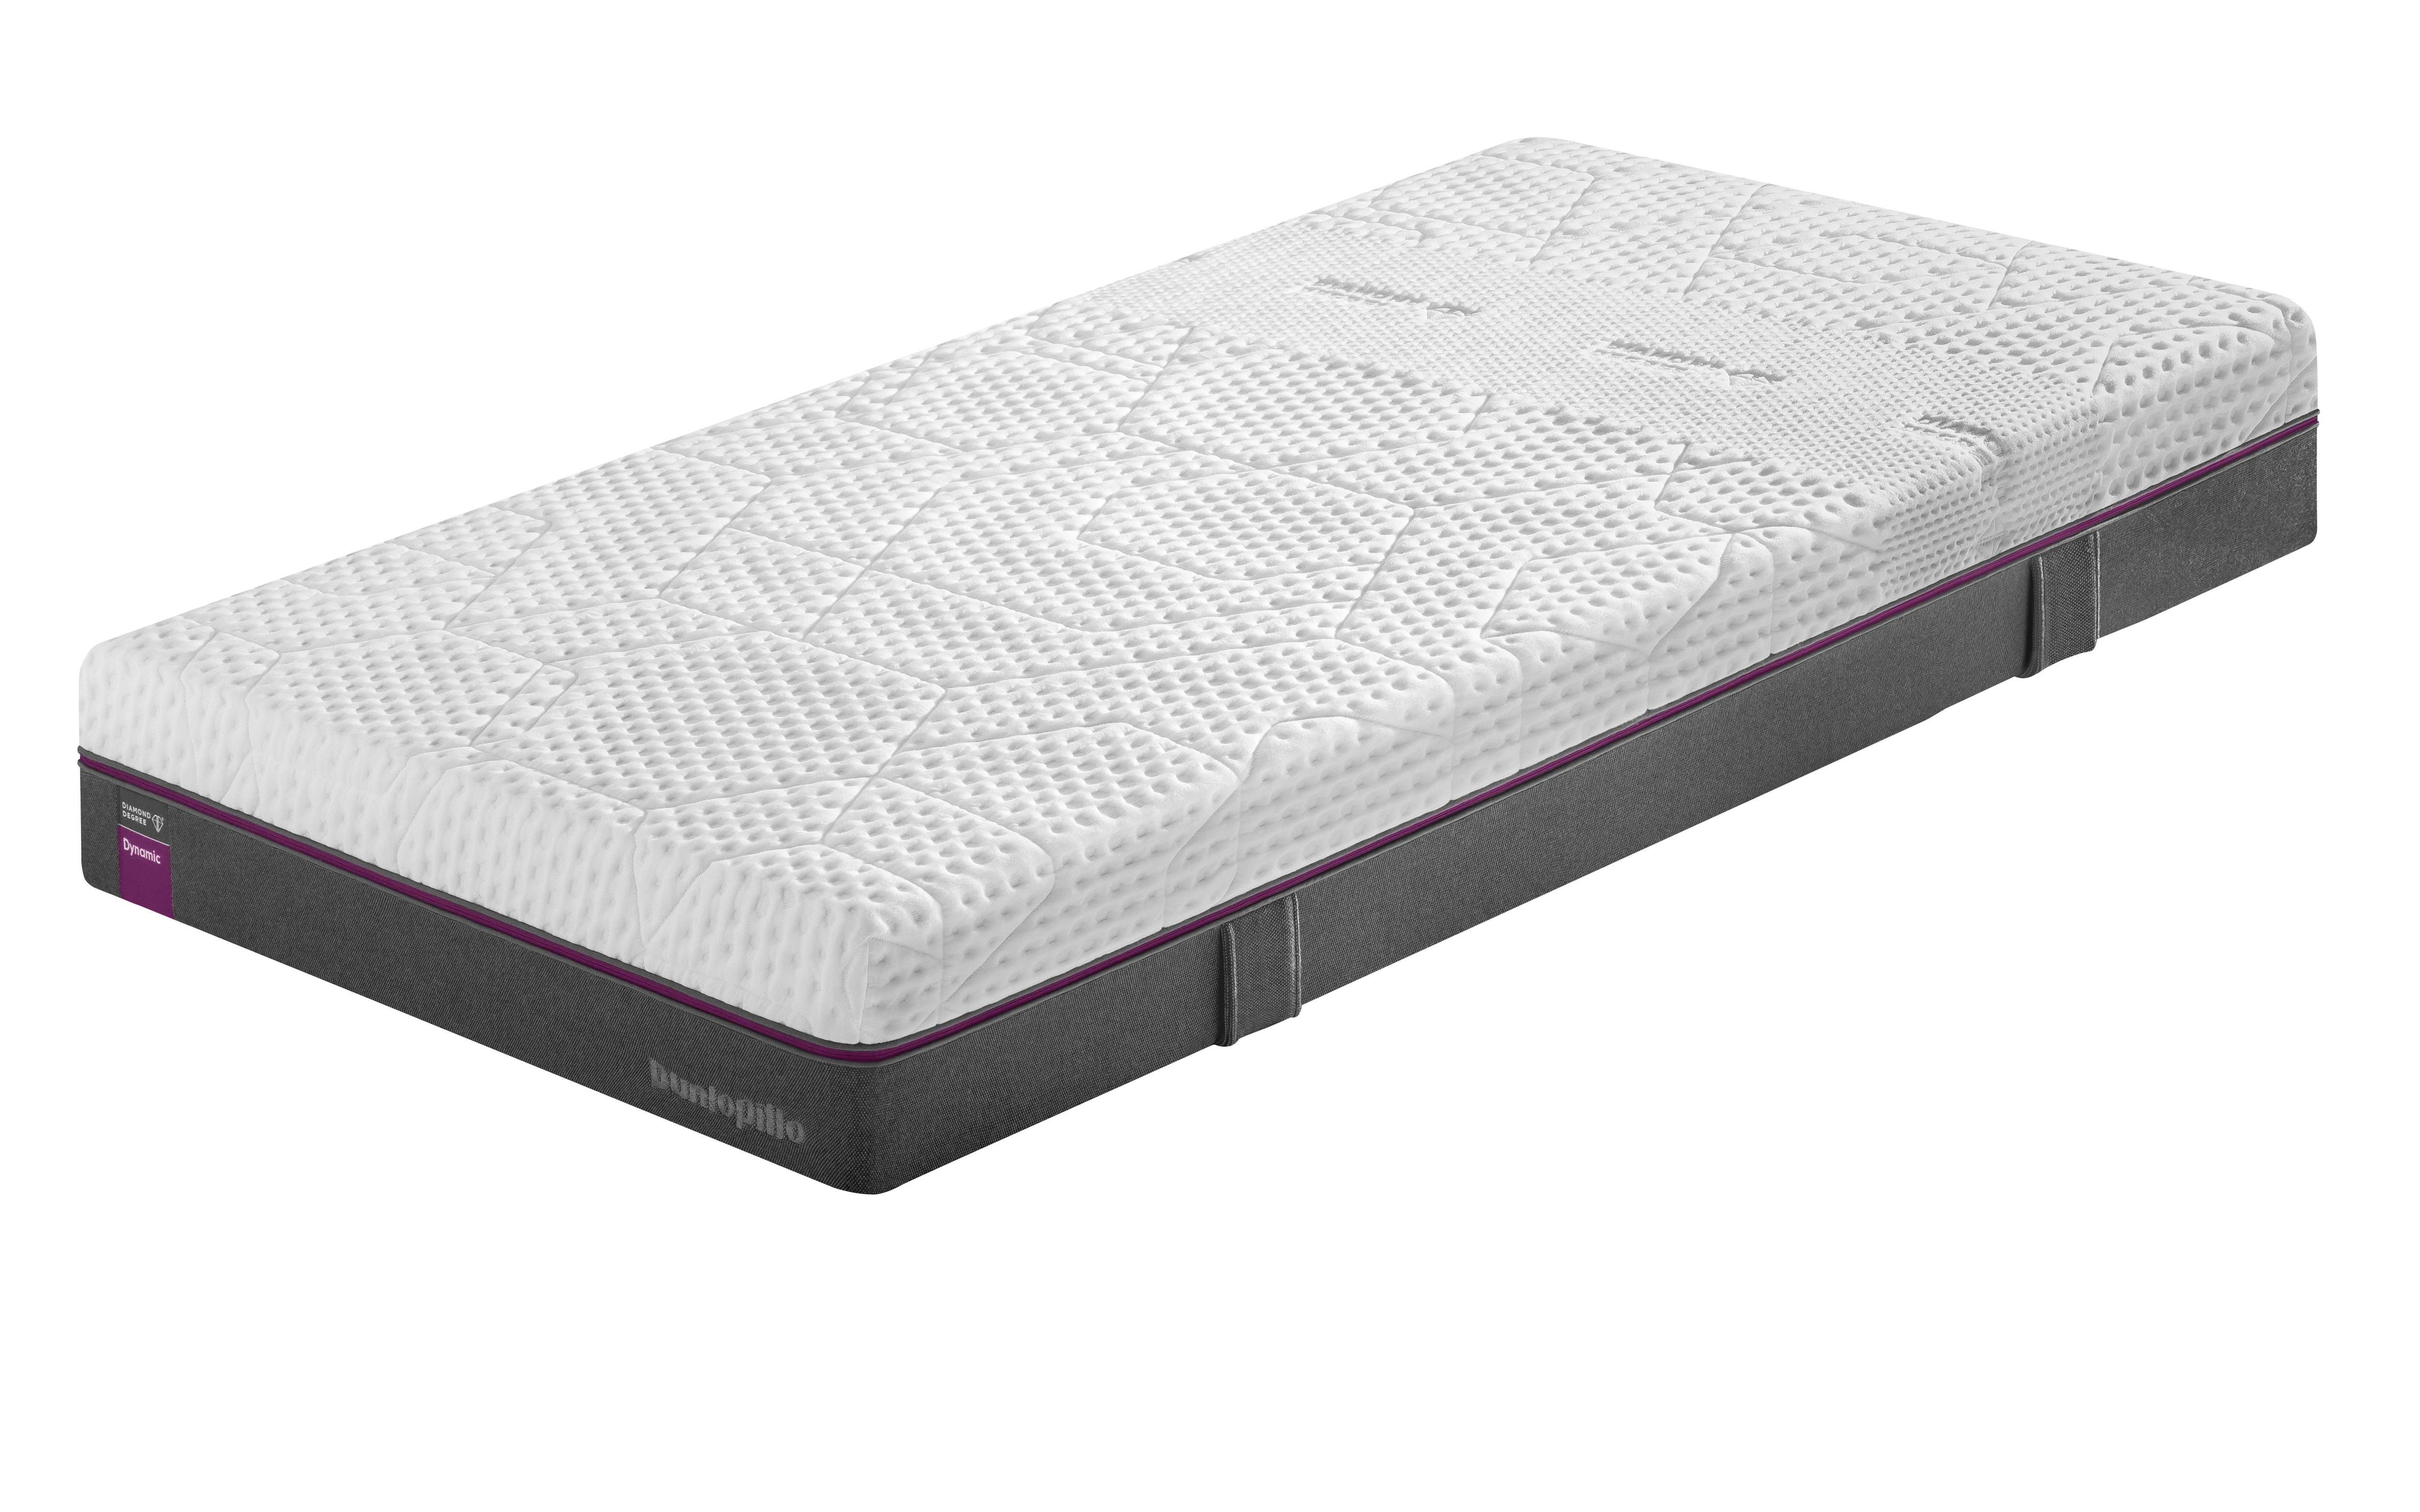 Taschenfederkernmatratze Diamond Degree Dynamic Dunlopillo better sleep 25 cm hoch